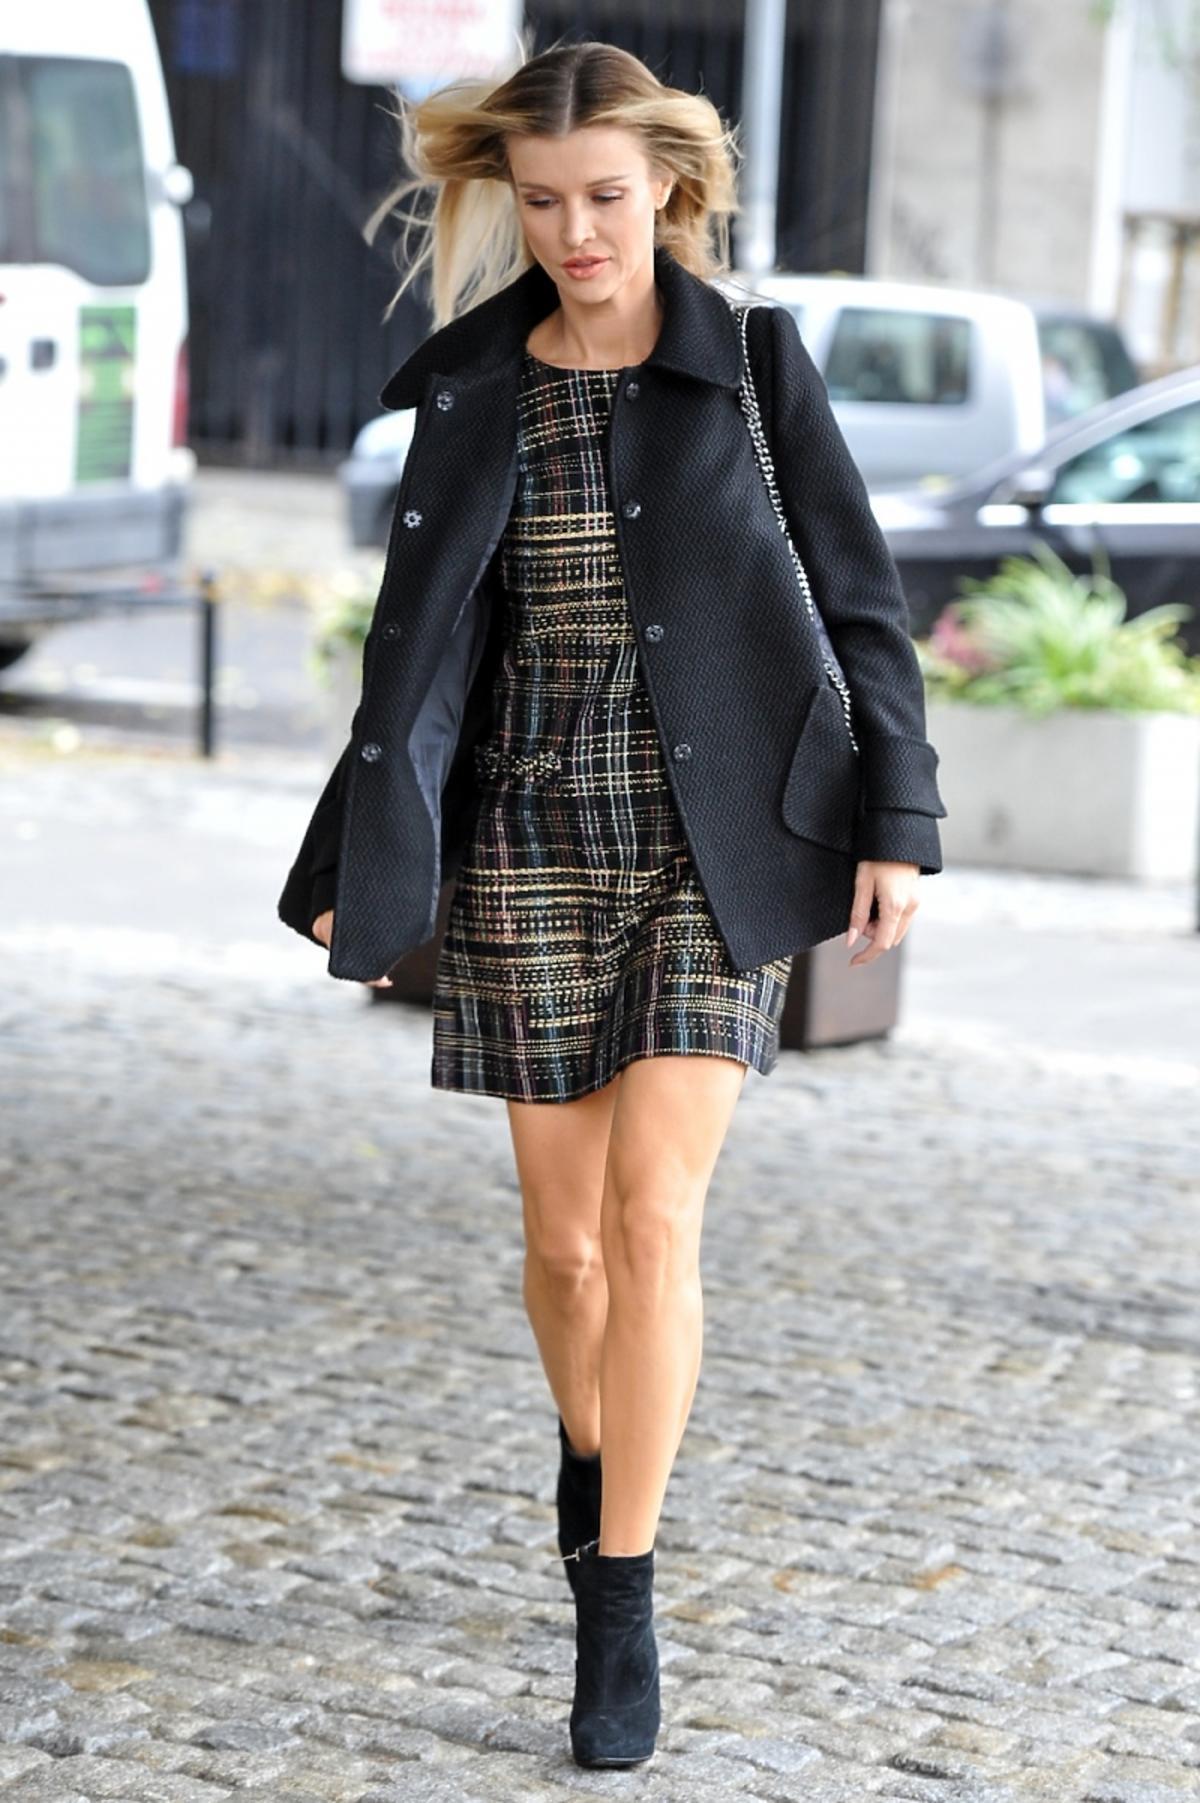 joanna Krupa w czarnym krótkim płaszczu z pikowanądużą torbą ozdobioną łańcuszkiem, sukience w kratę i czarnych botkach